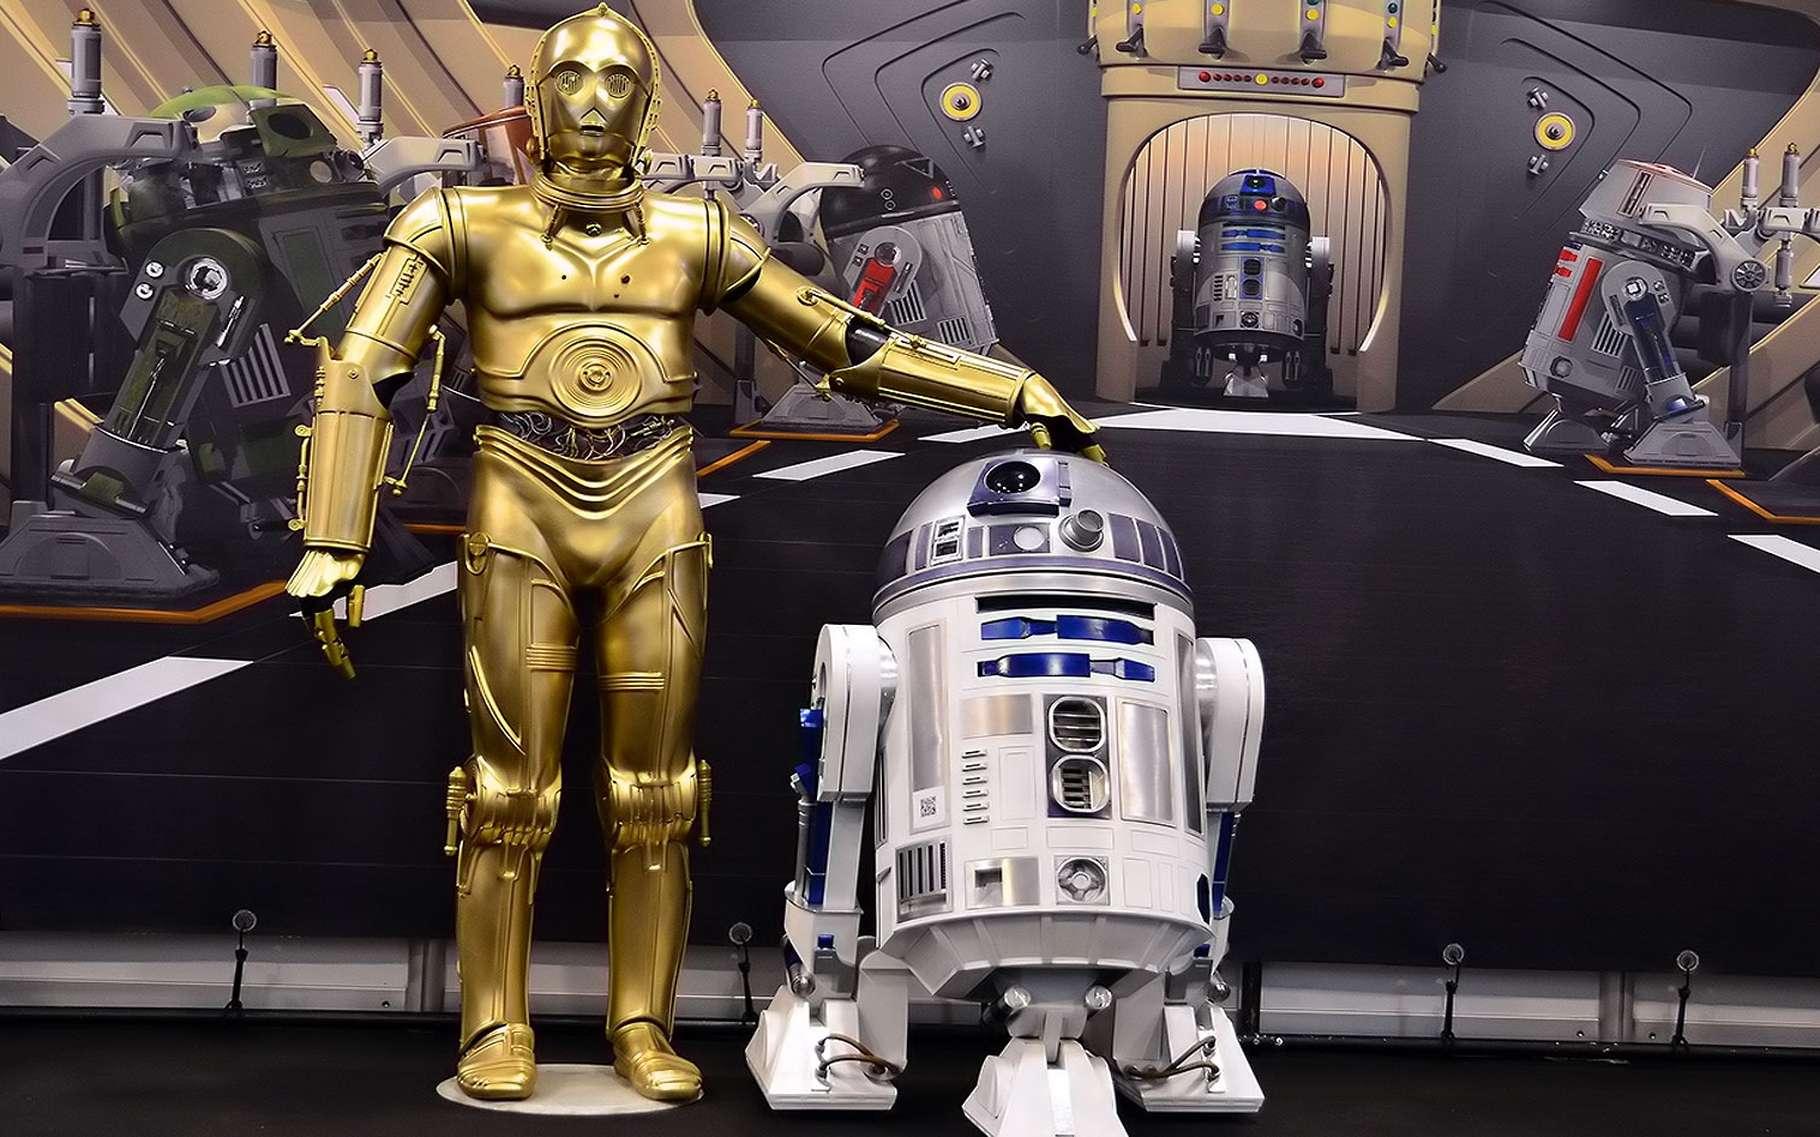 Du sabre laser aux civilisations sous-marines en passant par la robotique, les curiosités scientifiques de la saga Star Wars ne manquent pas. Qu'en pensent les chercheurs ? © DR